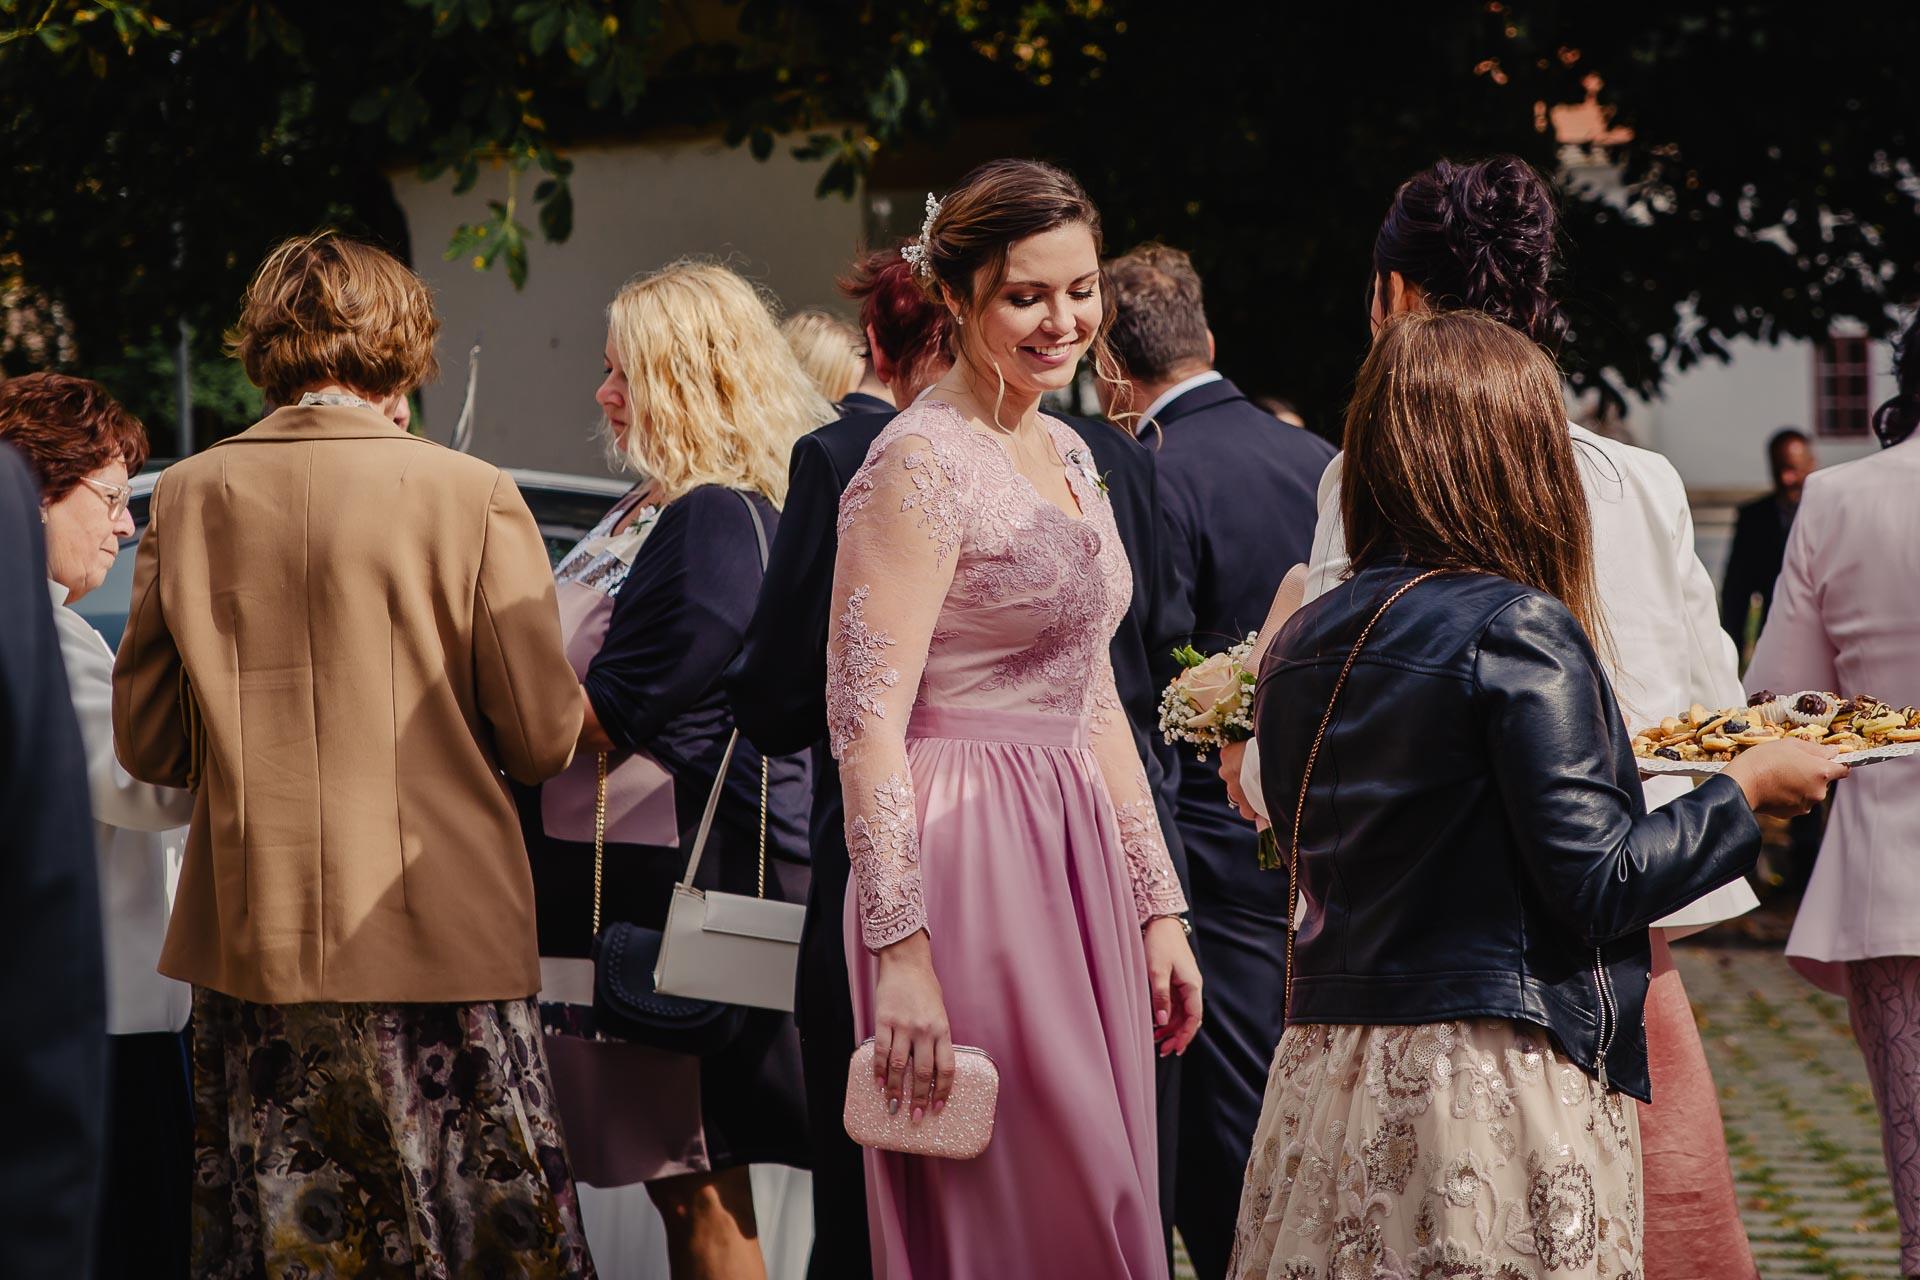 svatební fotograf Praha,svatba střední čechy, církevní obřad, svatba v kostele, nejhezčí svatební fotografie-2127